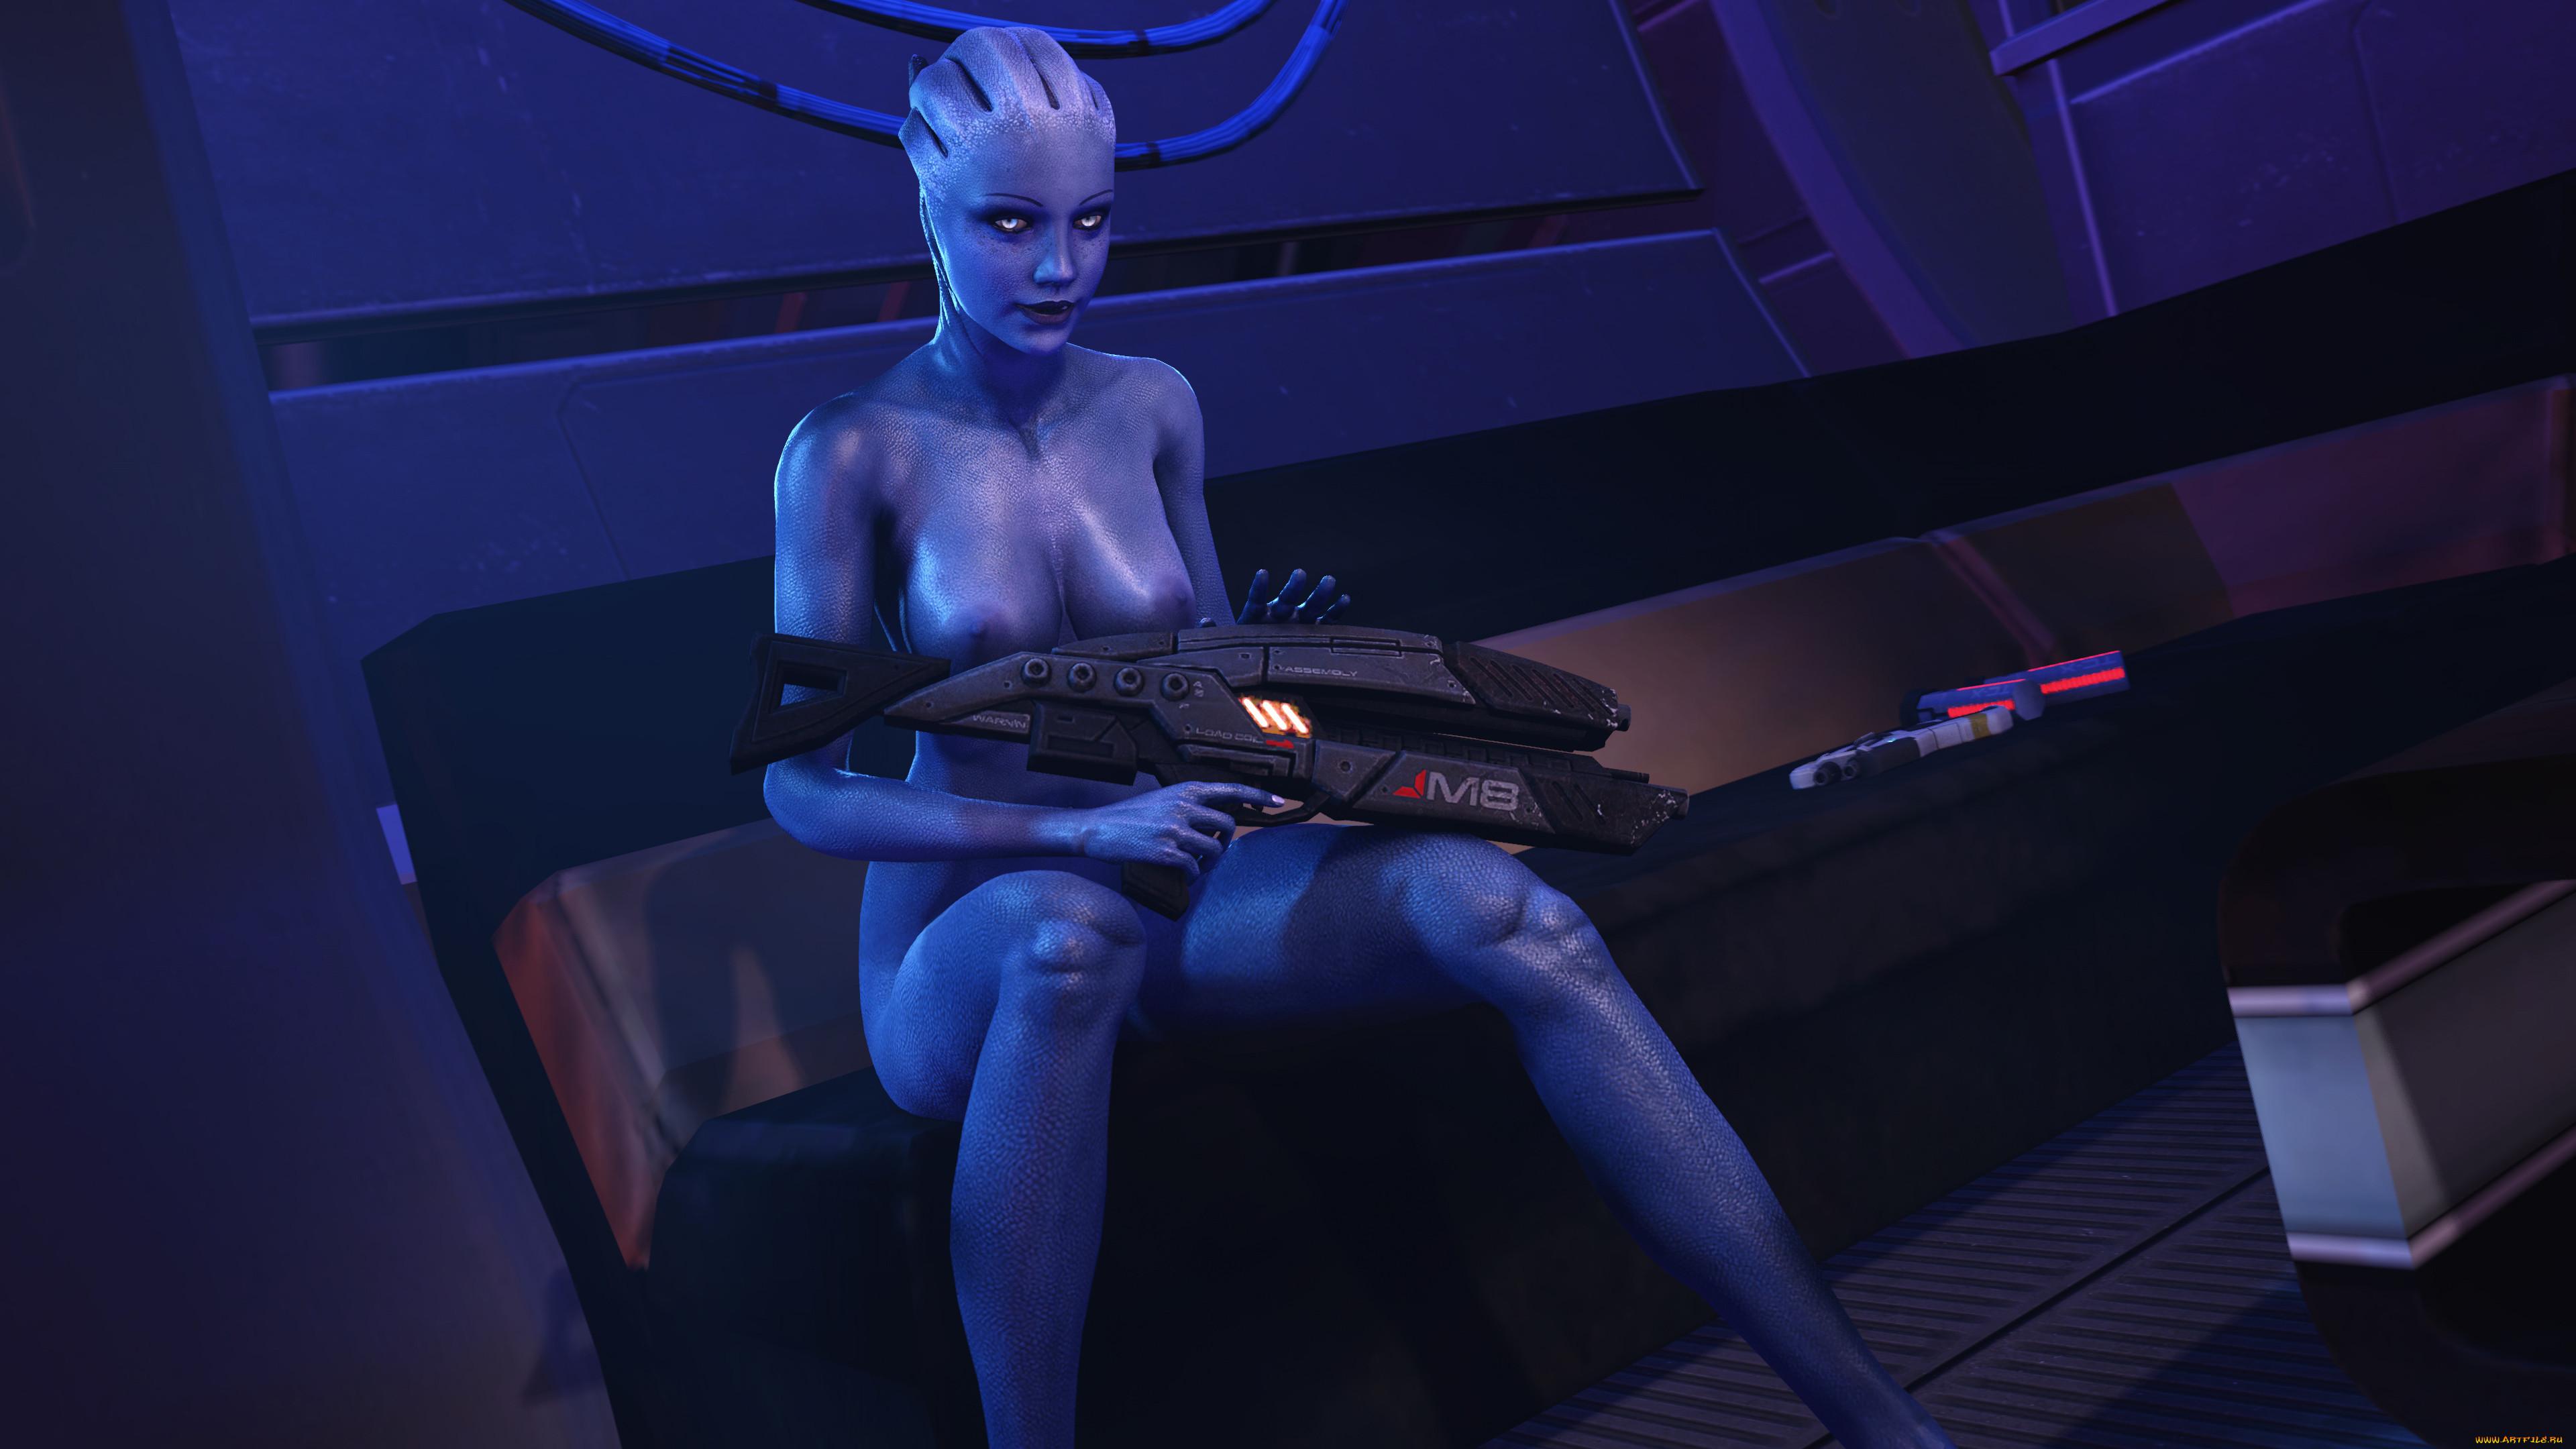 smotret-onlayn-filmi-roliki-erotika